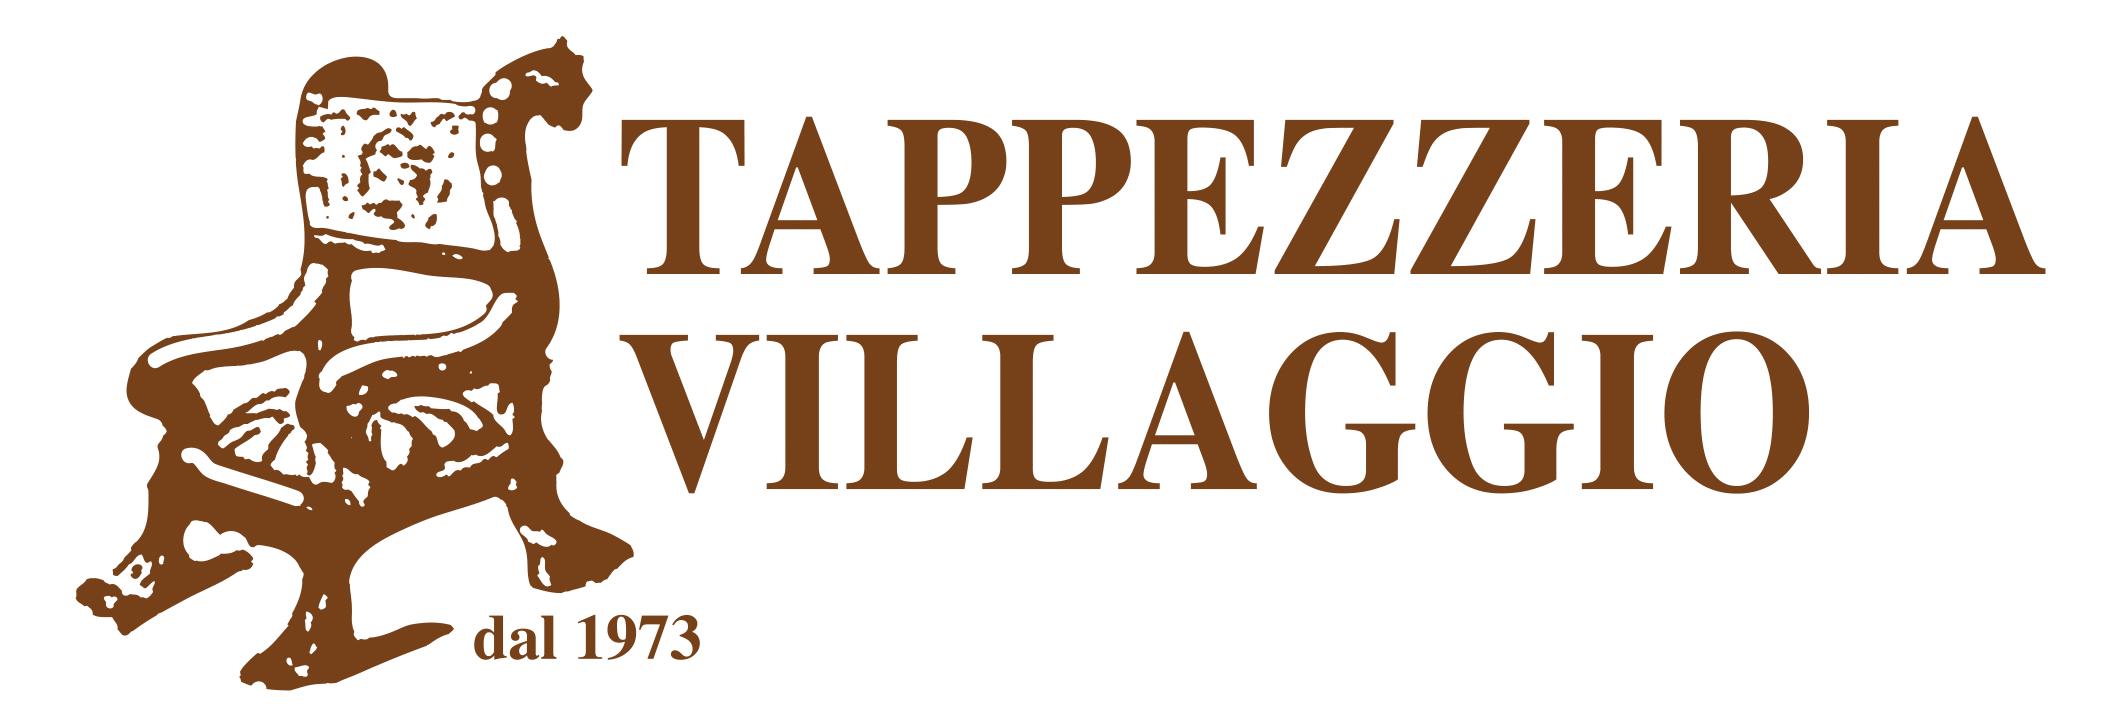 tappezzeria villaggio logo